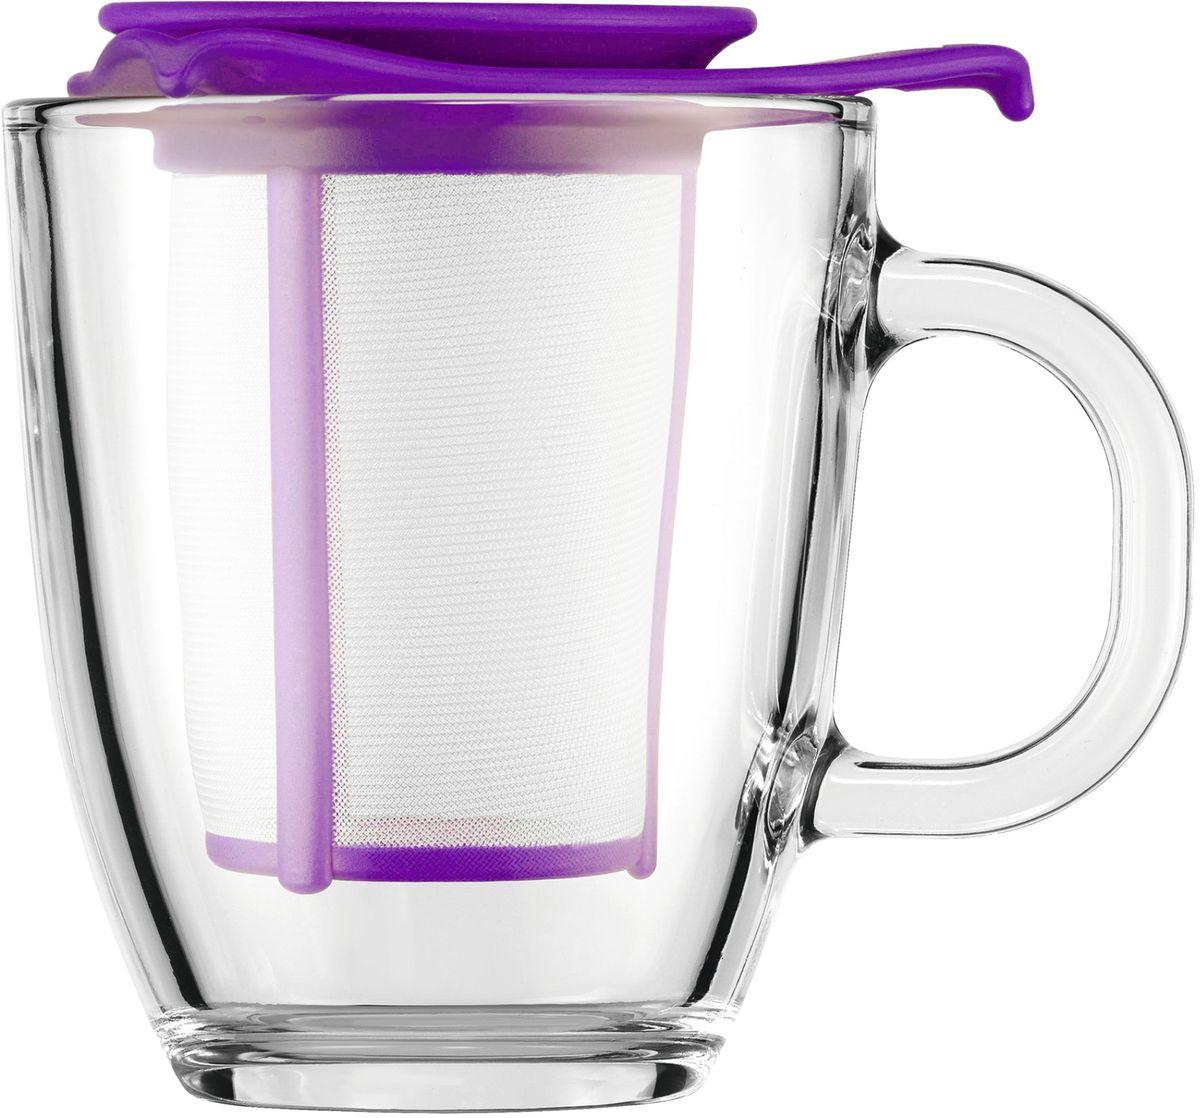 Набор кружек с фильтром Bodum YO-YO, цвет: фиолетовый. AK11239-150-Y16AK11239-150-Y16Набор кружек с фильтром Bodum YO-YO - это удобная возможность заварить ароматный вкусный чай любого сорта на одну персону. Объемная кружка Yo-Yo имеет фильтр, в который засыпается чай. Как и в заварочный чайник, наливаем в кружку кипяток и плотно накрываем ее крышкой. Через прозрачное боросиликатное стекло можно наблюдать, как красиво заваривается чай. Когда процесс приготовления окончен, фильтр можно поставить на крышку и наслаждаться любимым напитком.